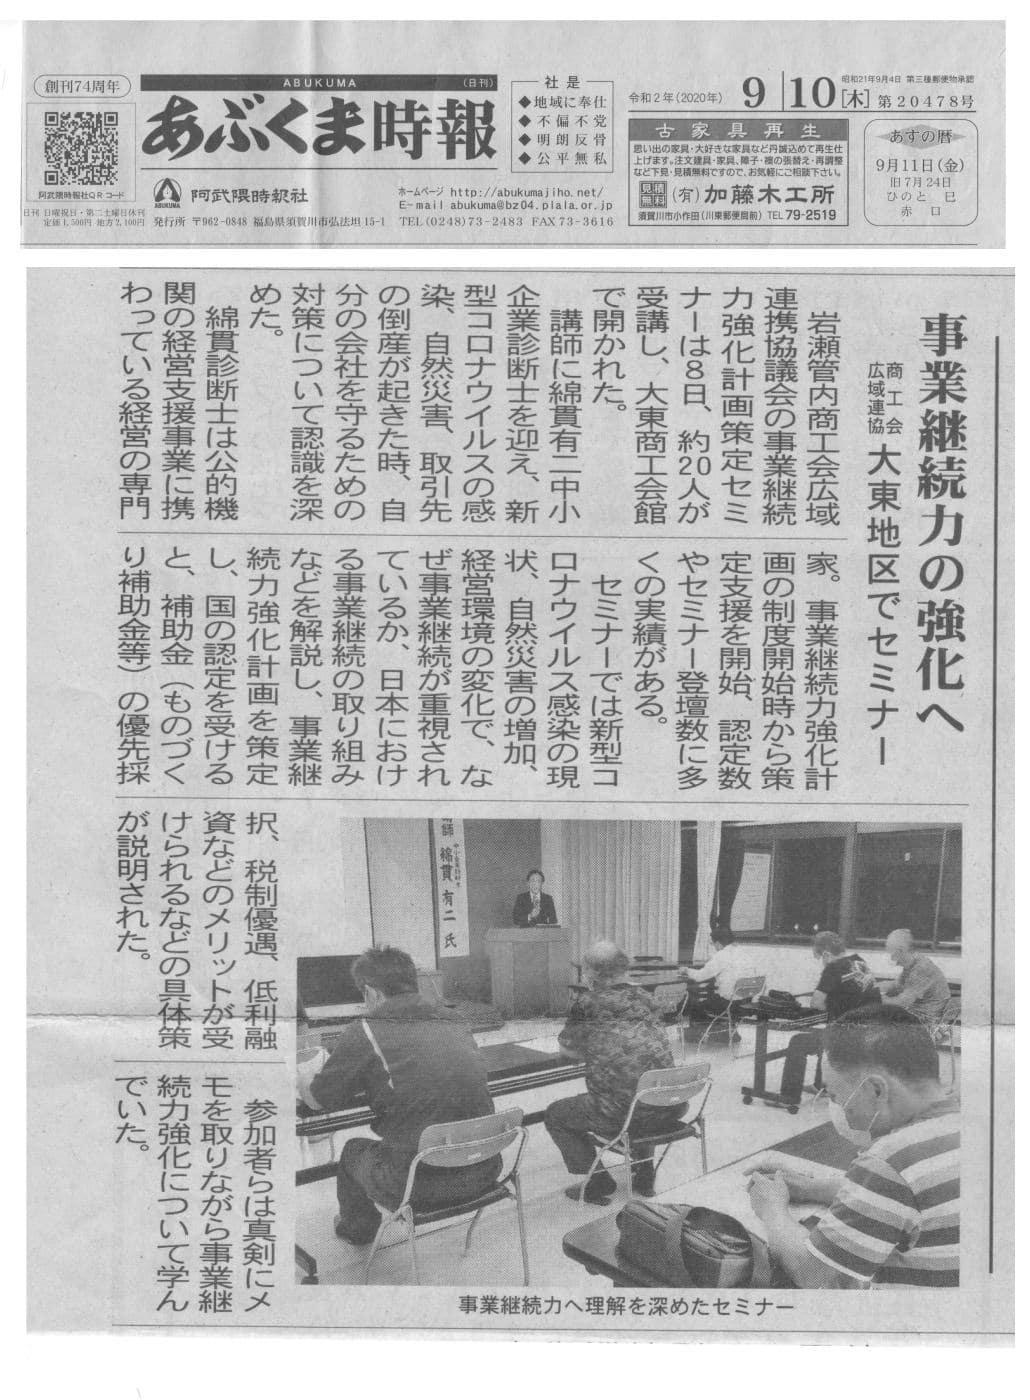 事業継続力強化計画セミナーの様子が新聞に取り上げられました